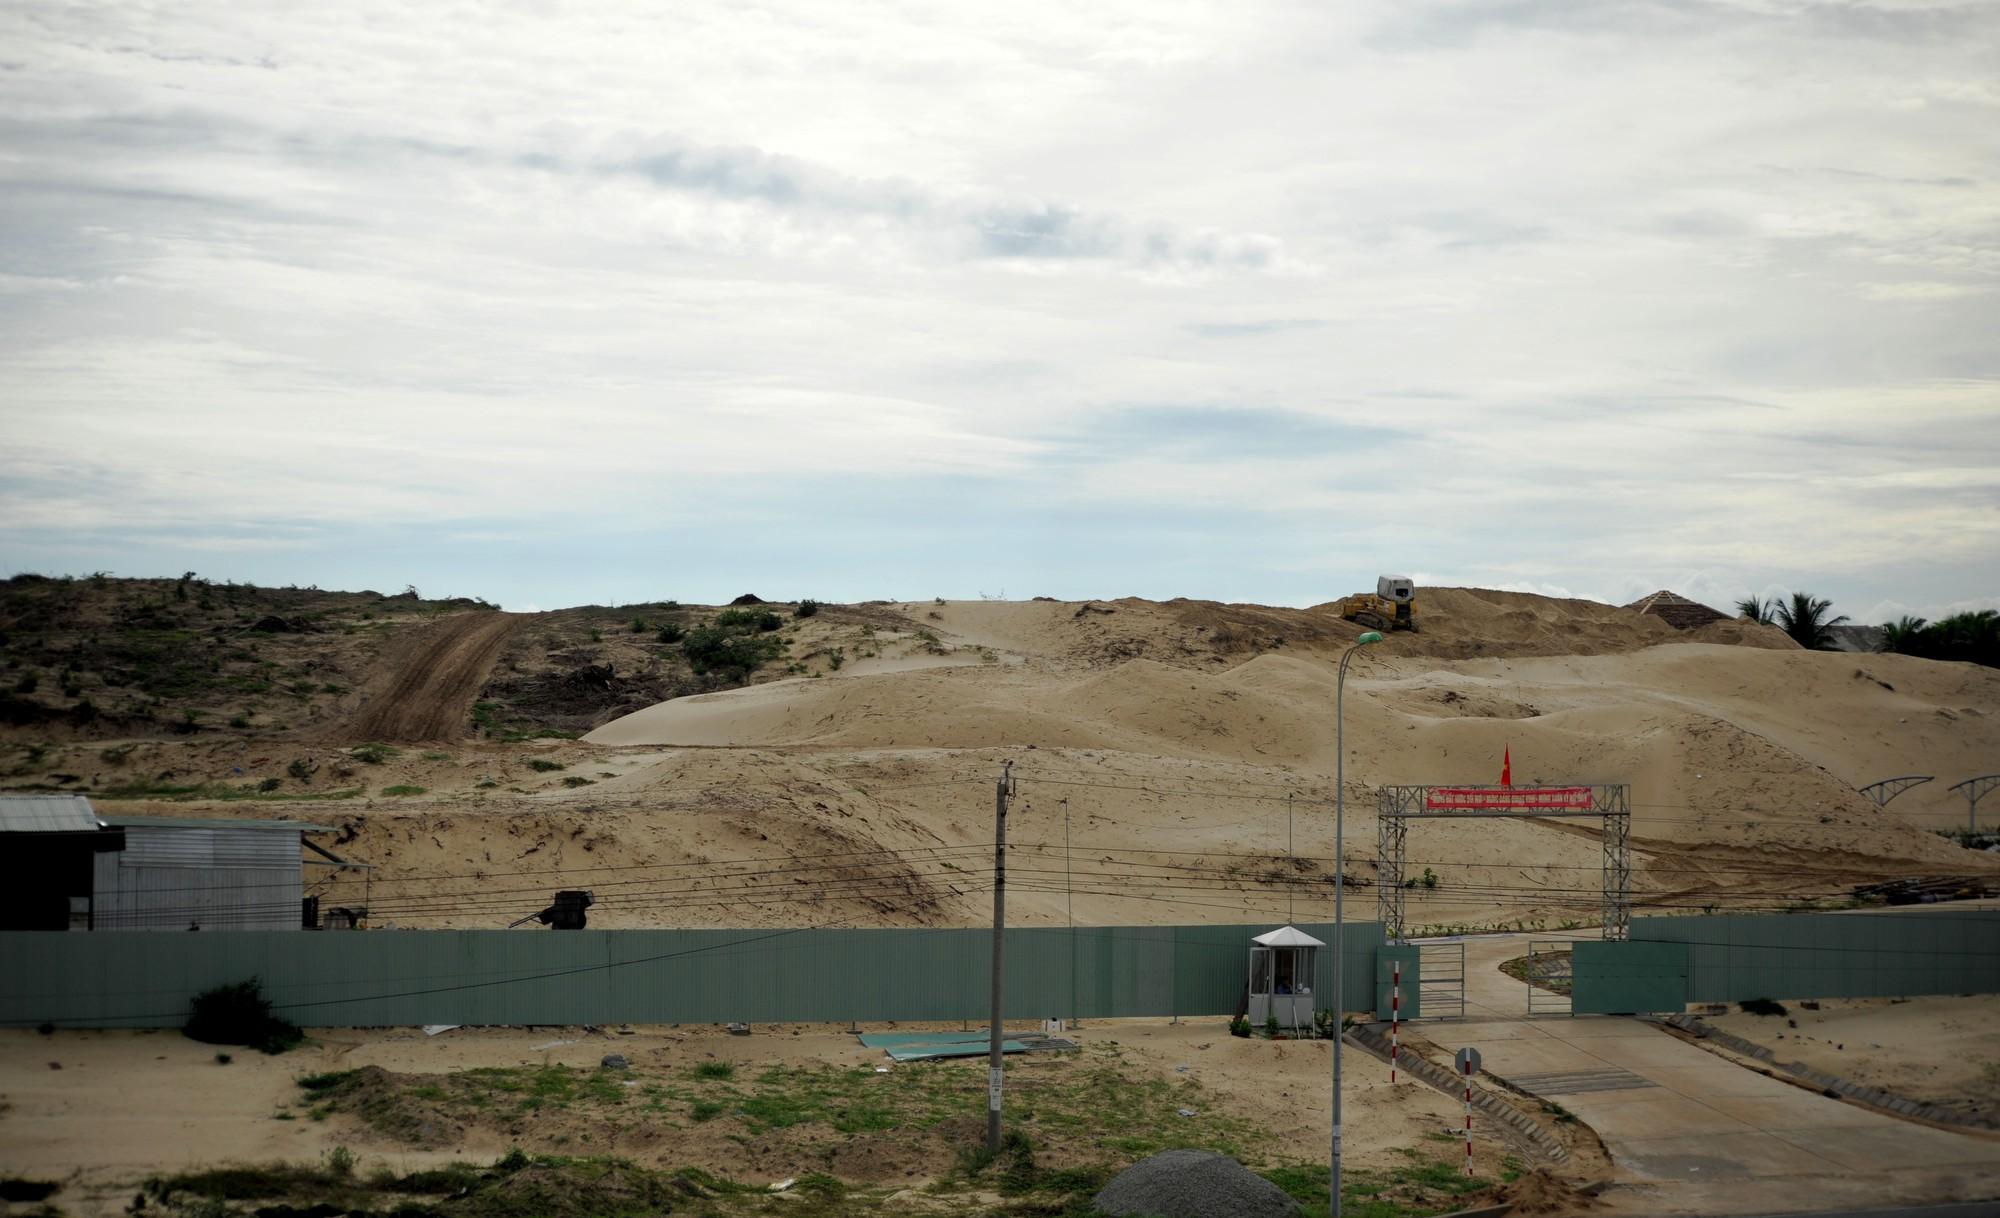 KDL Bắc Bán đảo Cam Ranh: Nhiều dự án chậm tiến độ, vượt quá qui hoạch và vướng đất ở không hình thành đơn vị ở - Ảnh 1.